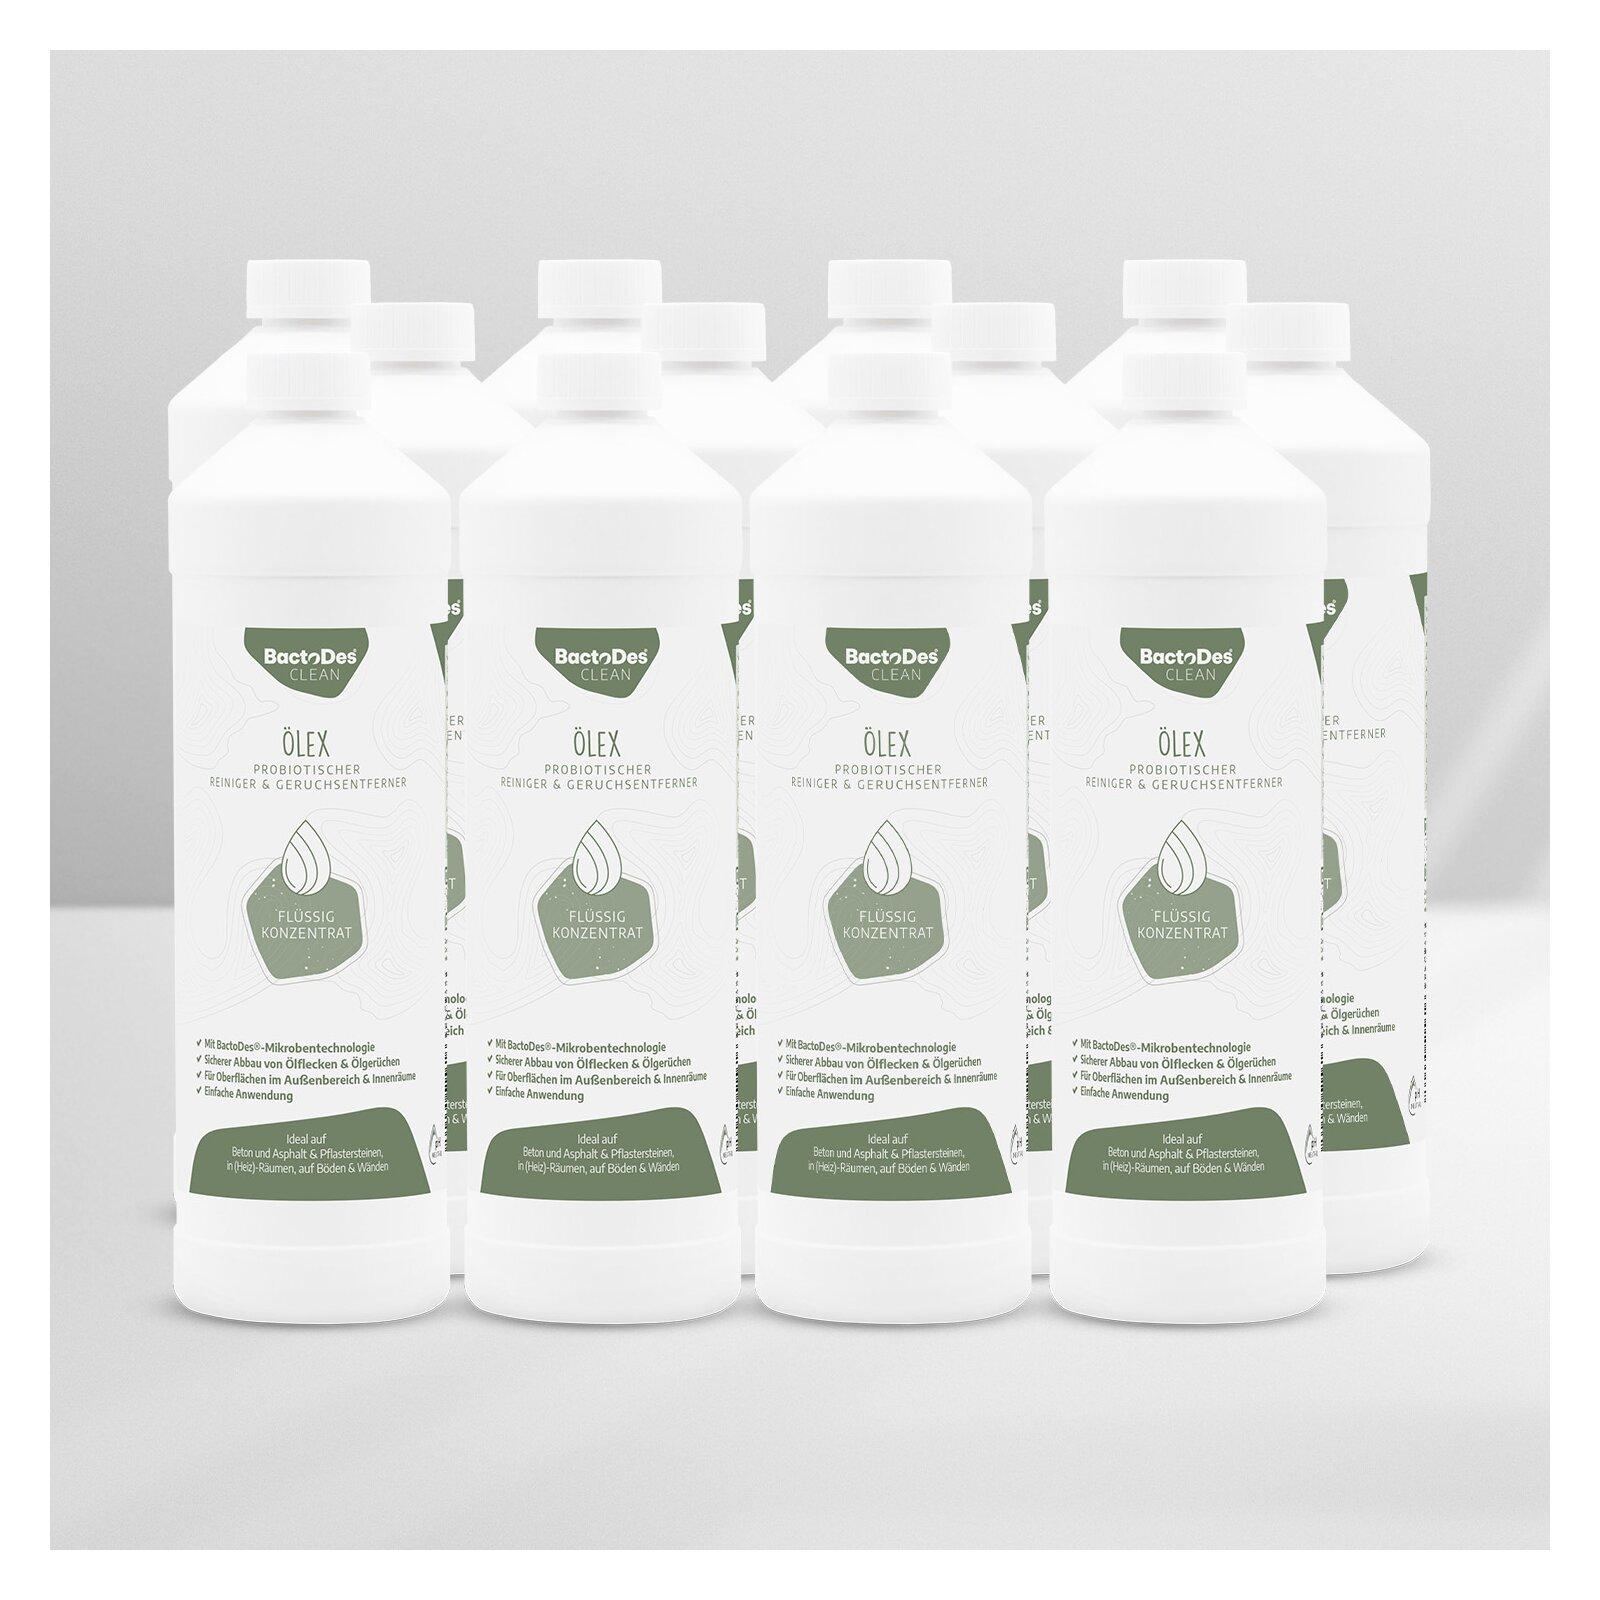 BactoDesÖlex Geruchsentferner von Heizölgeruch und Ölfleckenentferner 12 x 1 Liter Karton